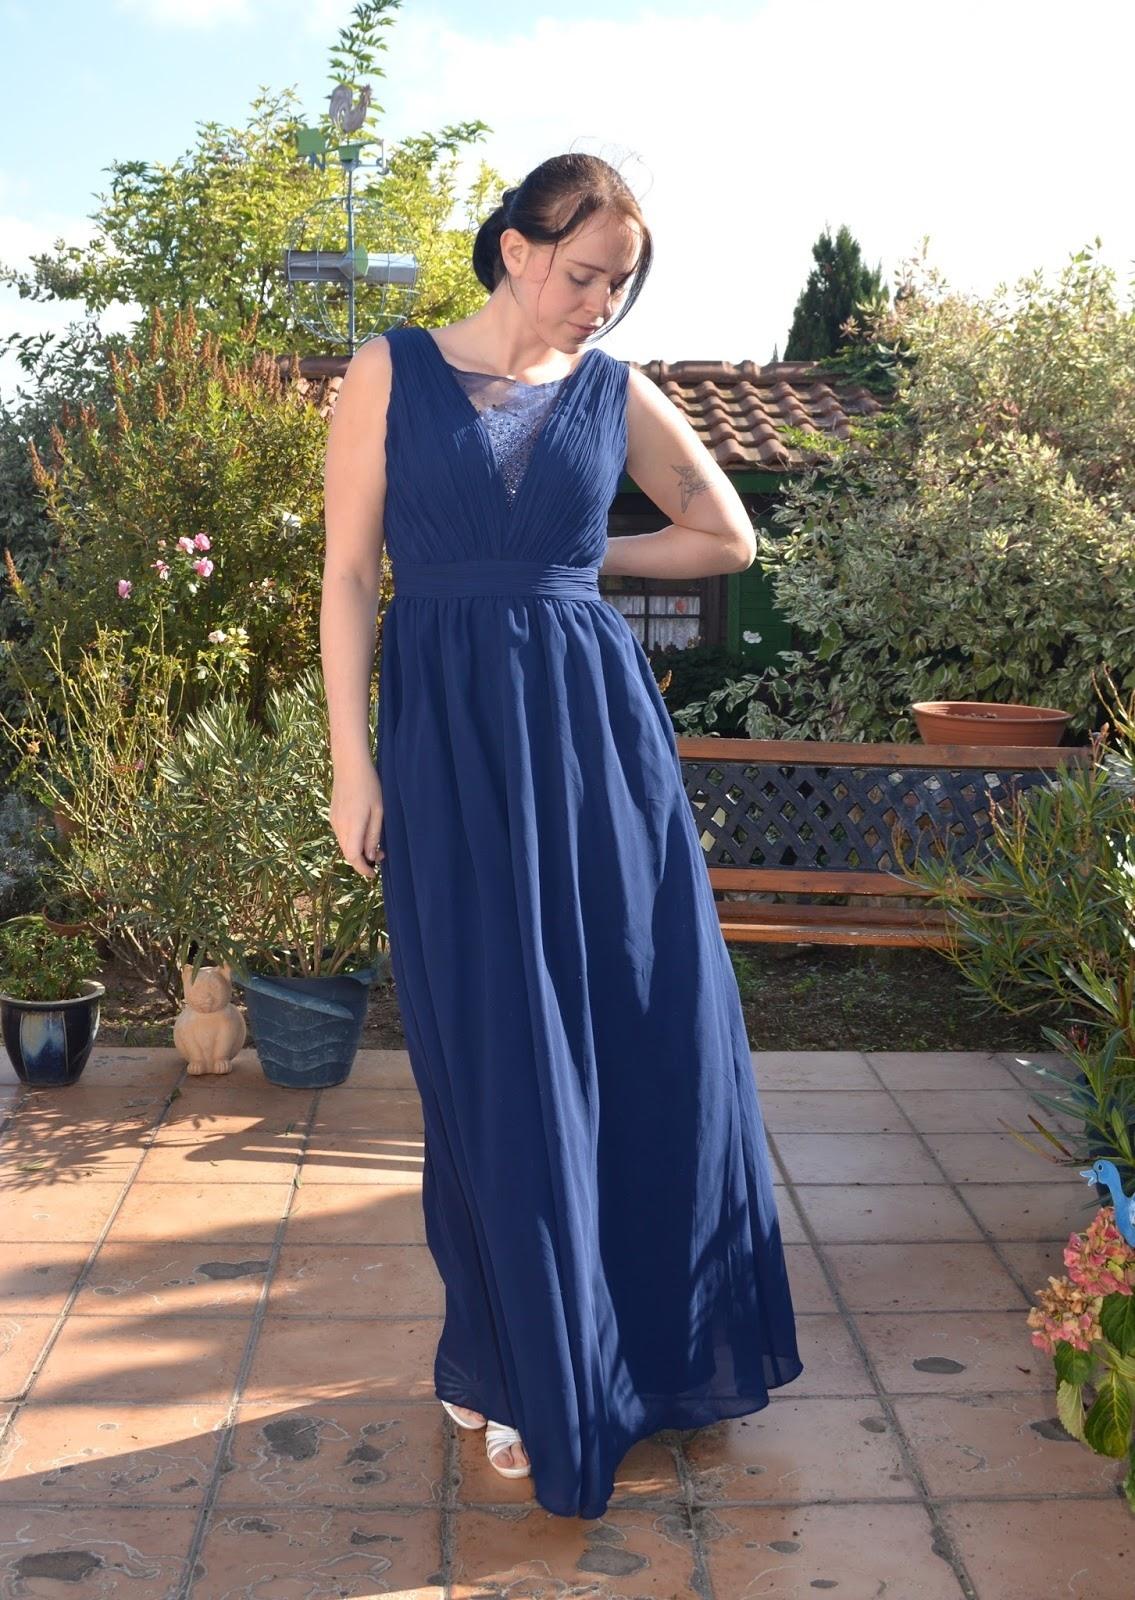 17 Luxus Blaues Kleid Hochzeitsgast GalerieAbend Erstaunlich Blaues Kleid Hochzeitsgast Stylish